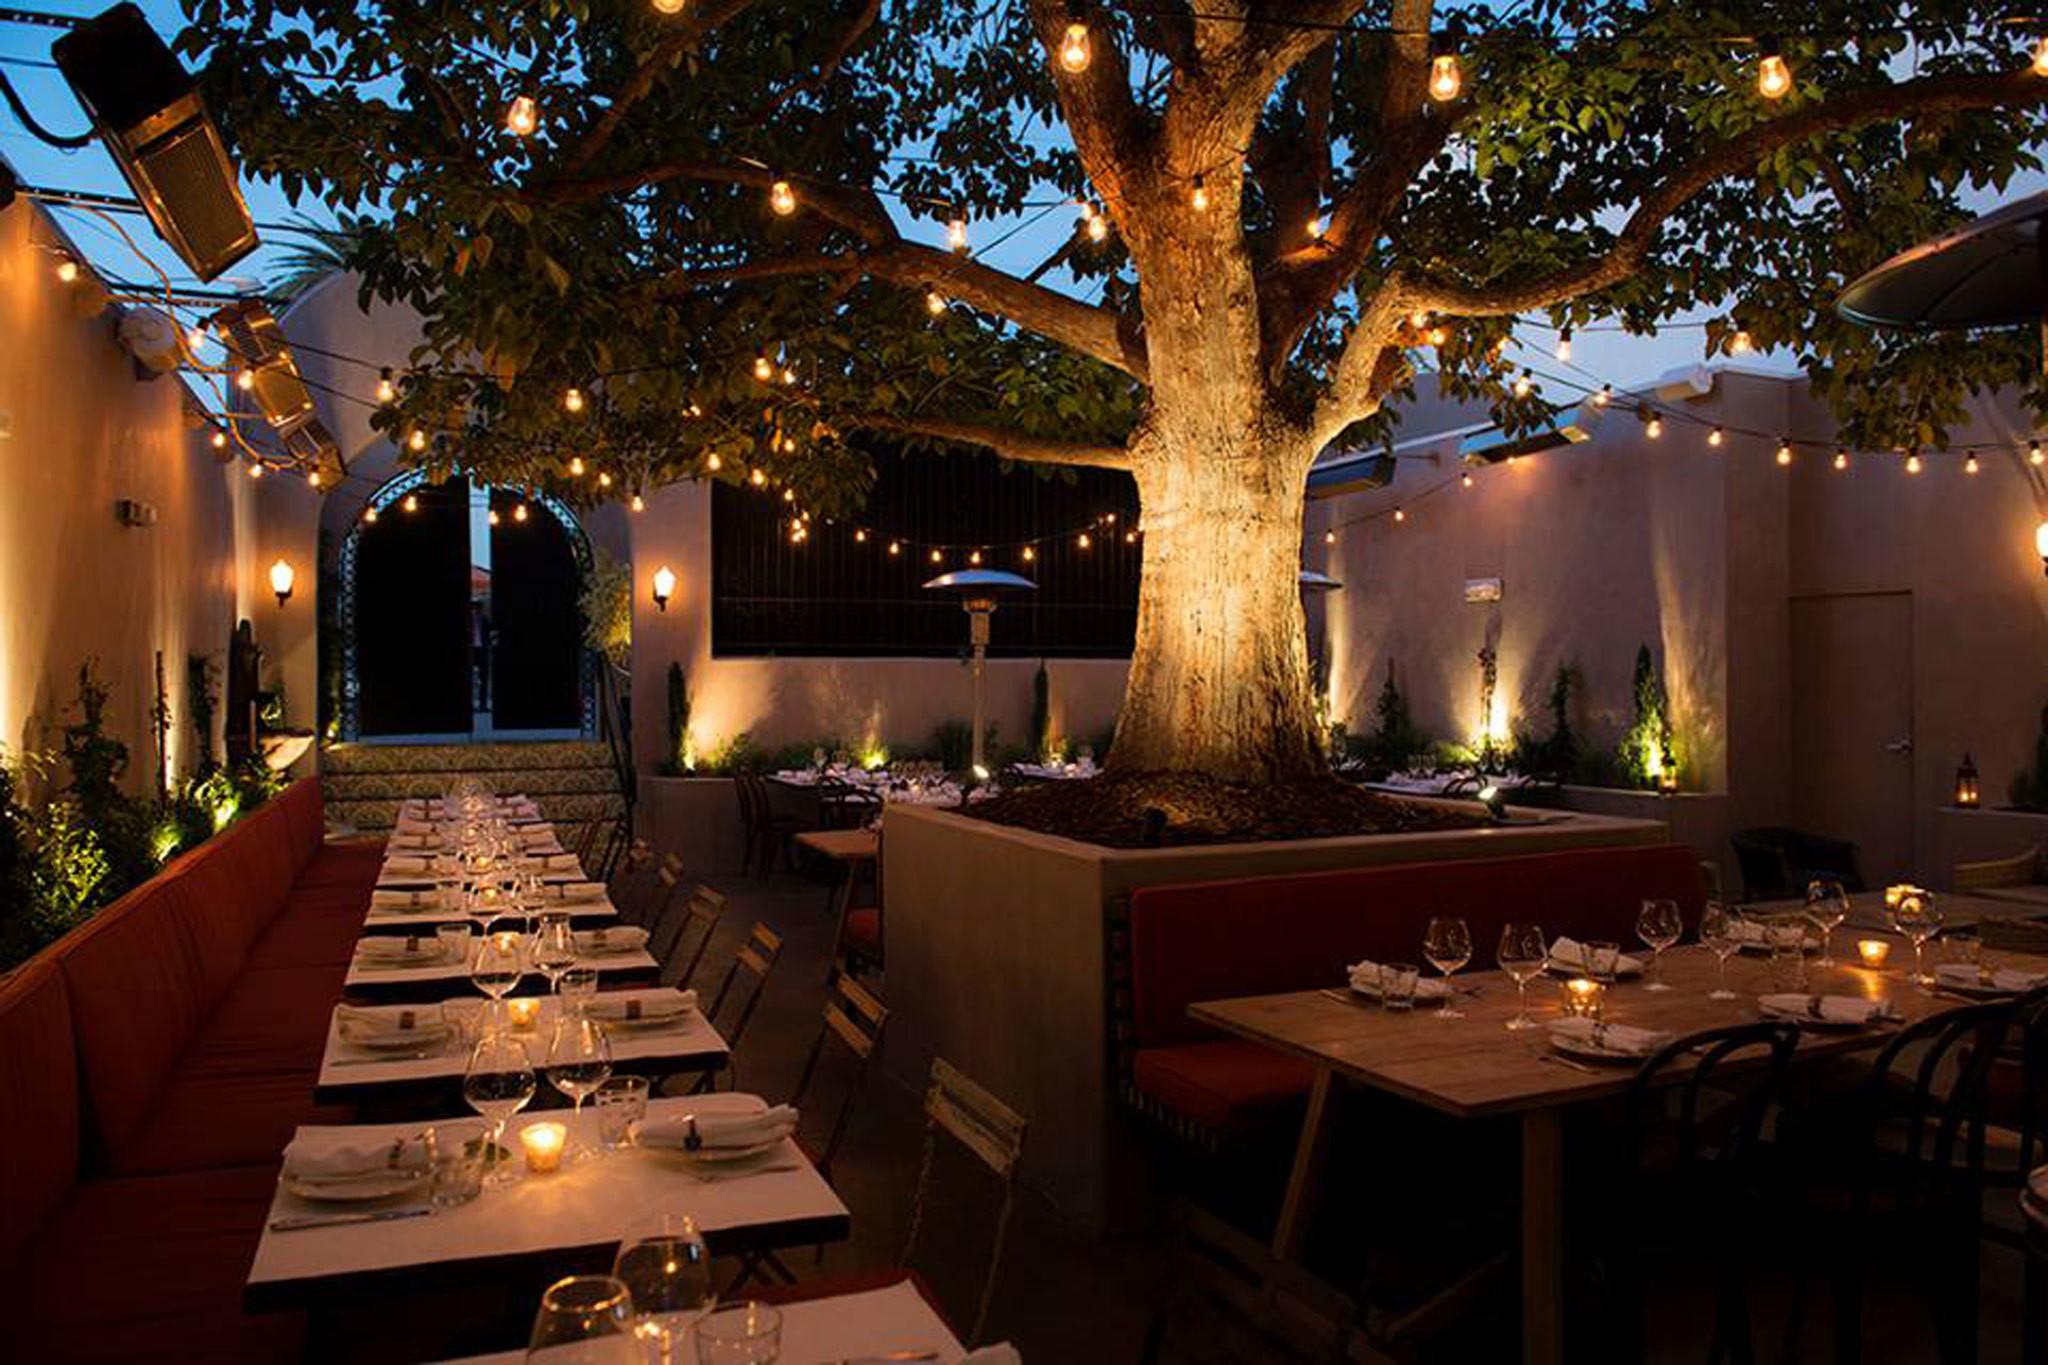 Thanksgiving Breakfast Restaurants  Best restaurants for Thanksgiving dinner in Los Angeles